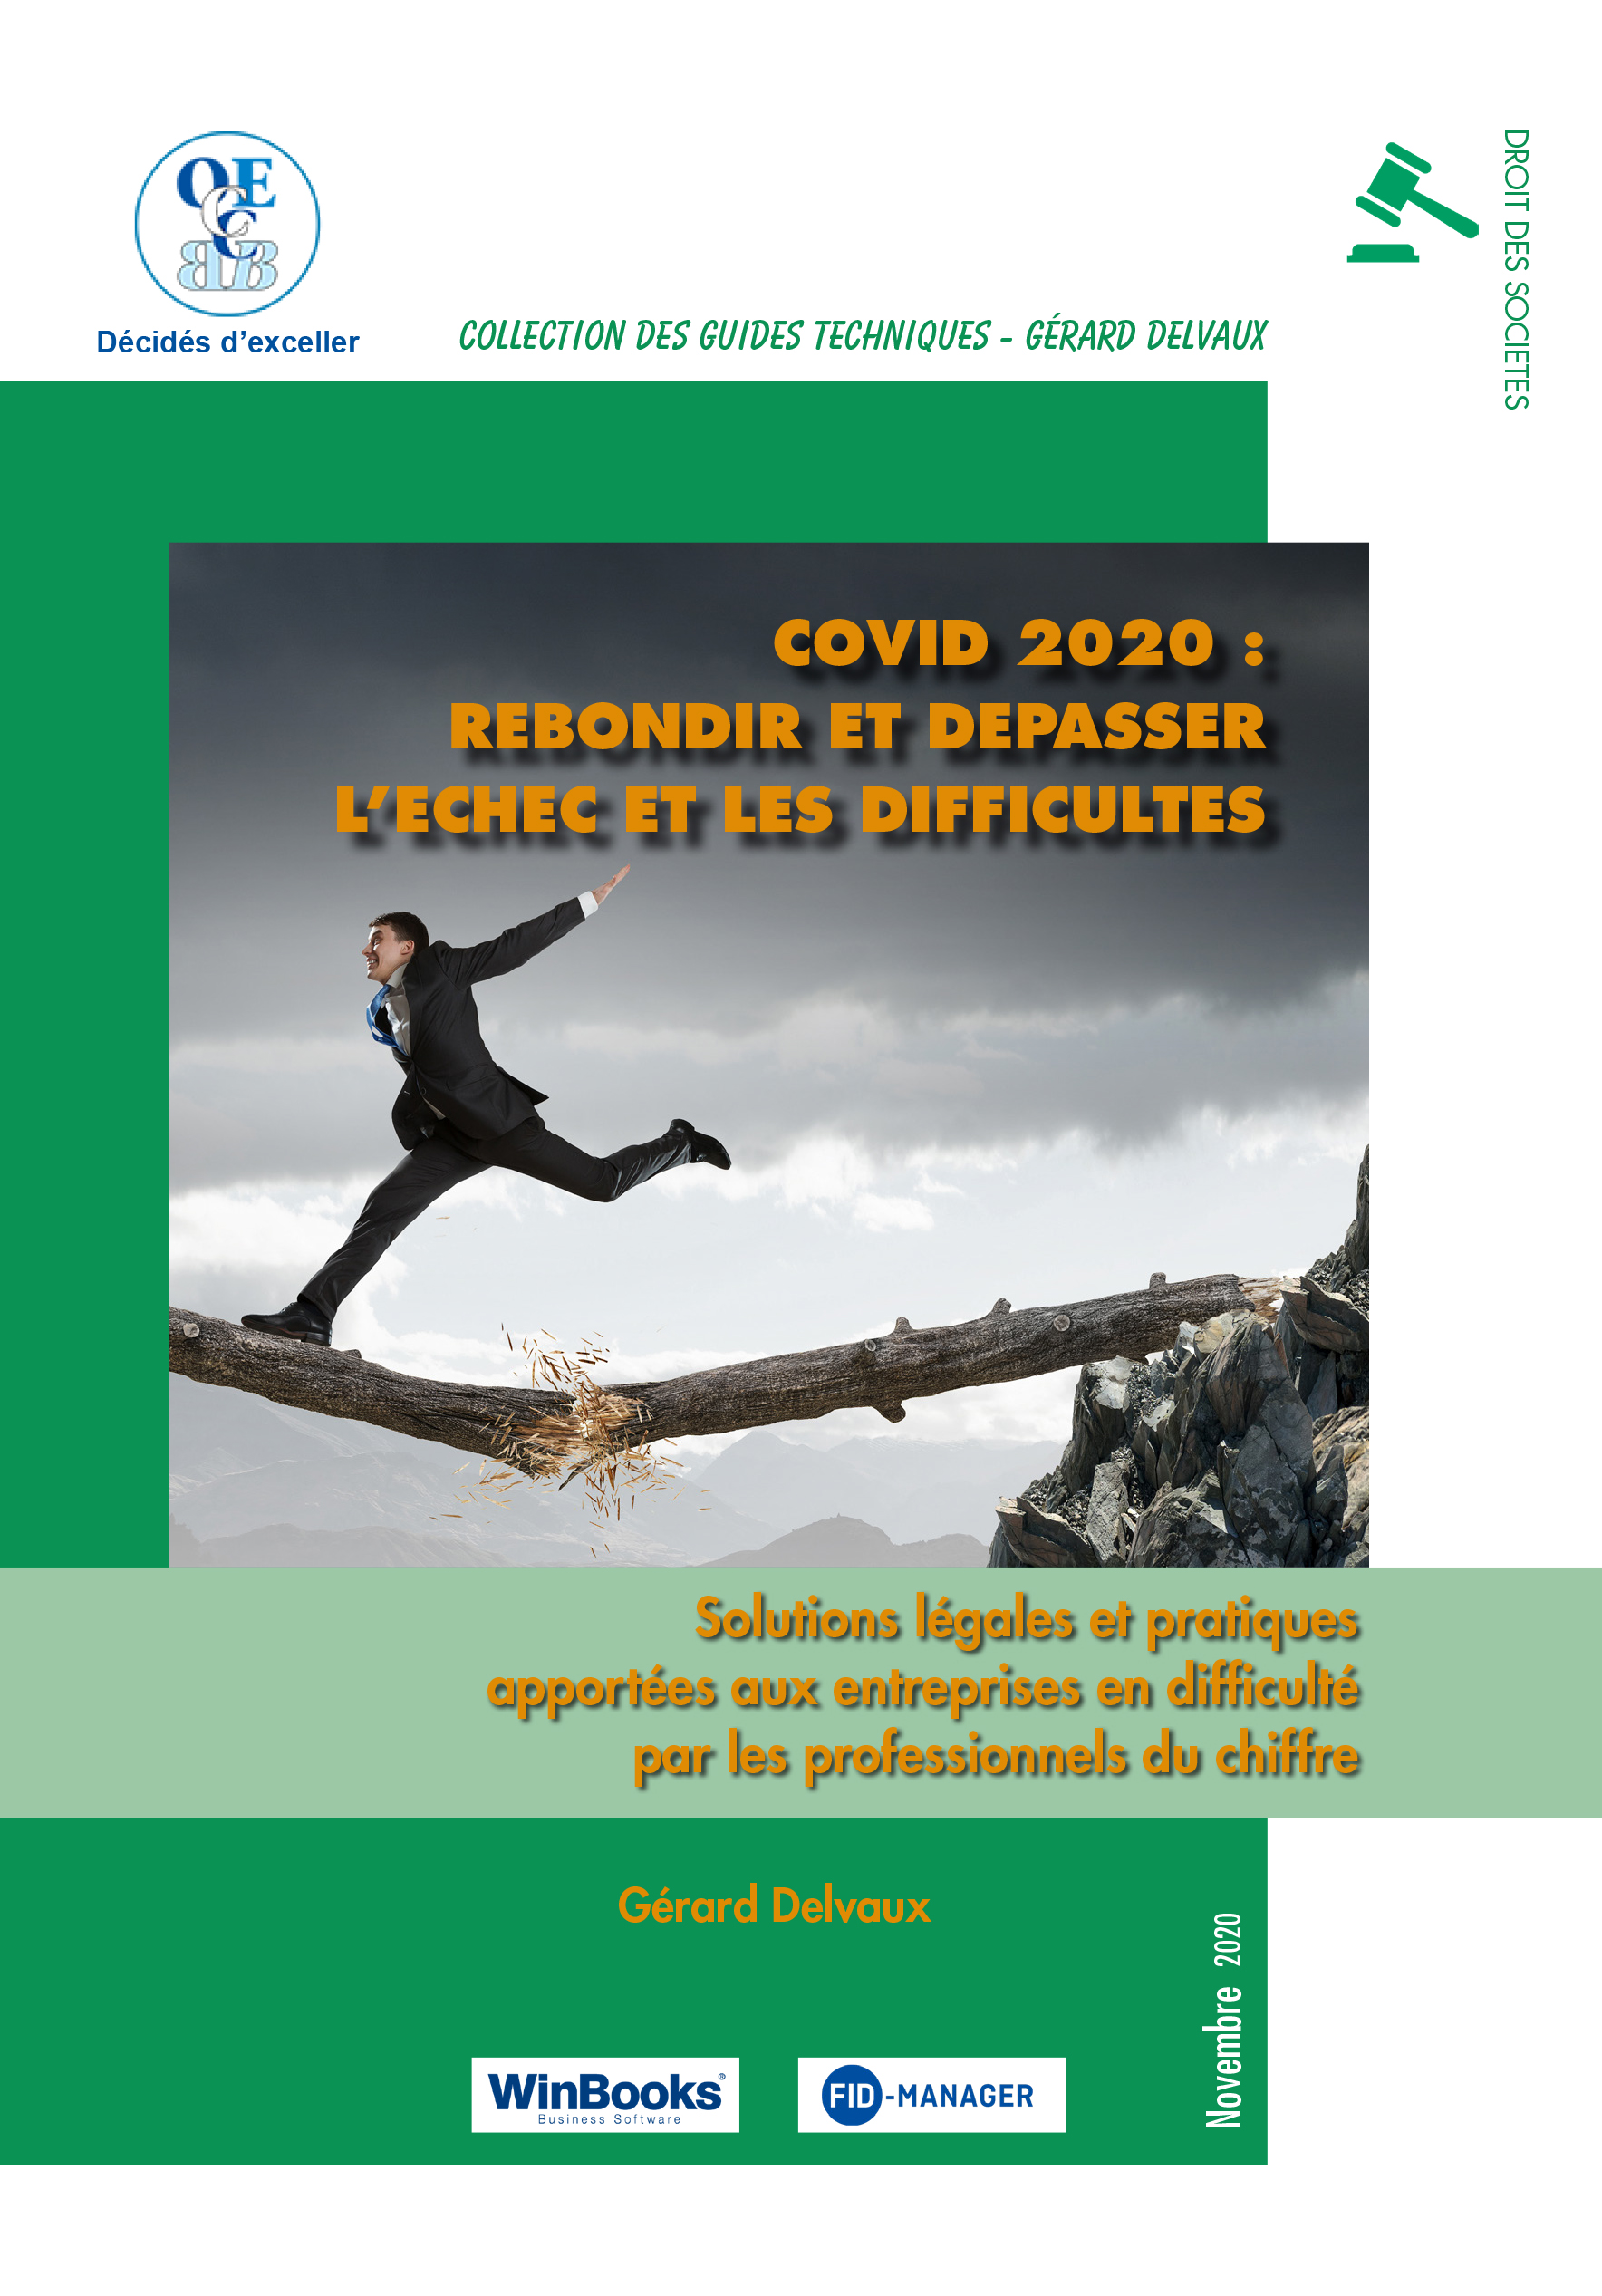 Covid 2020 : rebondir et dépasser l'échec et les difficultés